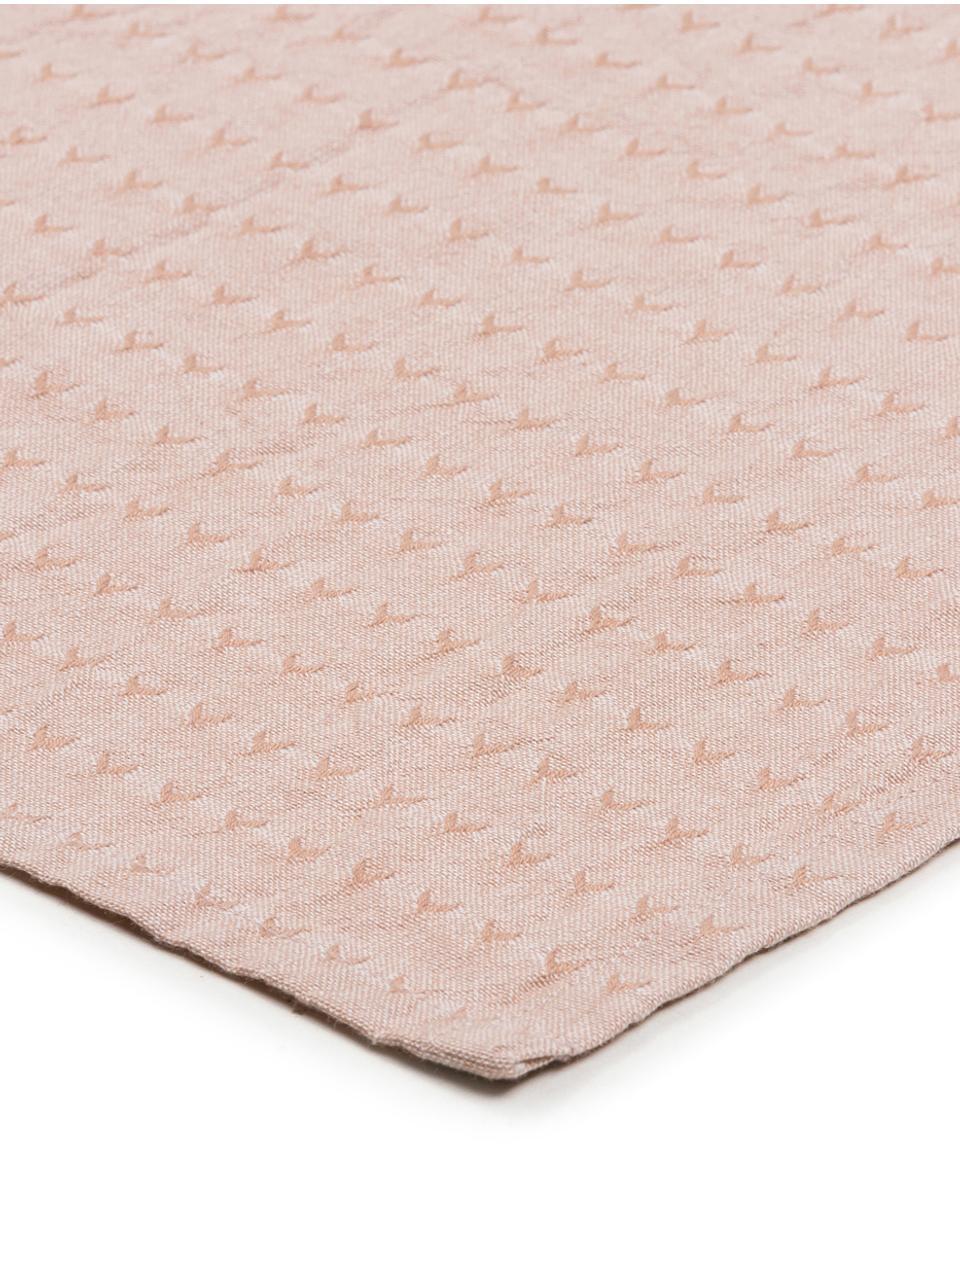 Baumwoll-Servietten Napel, 4 Stück, Baumwolle, Braun, 40 x 40 cm